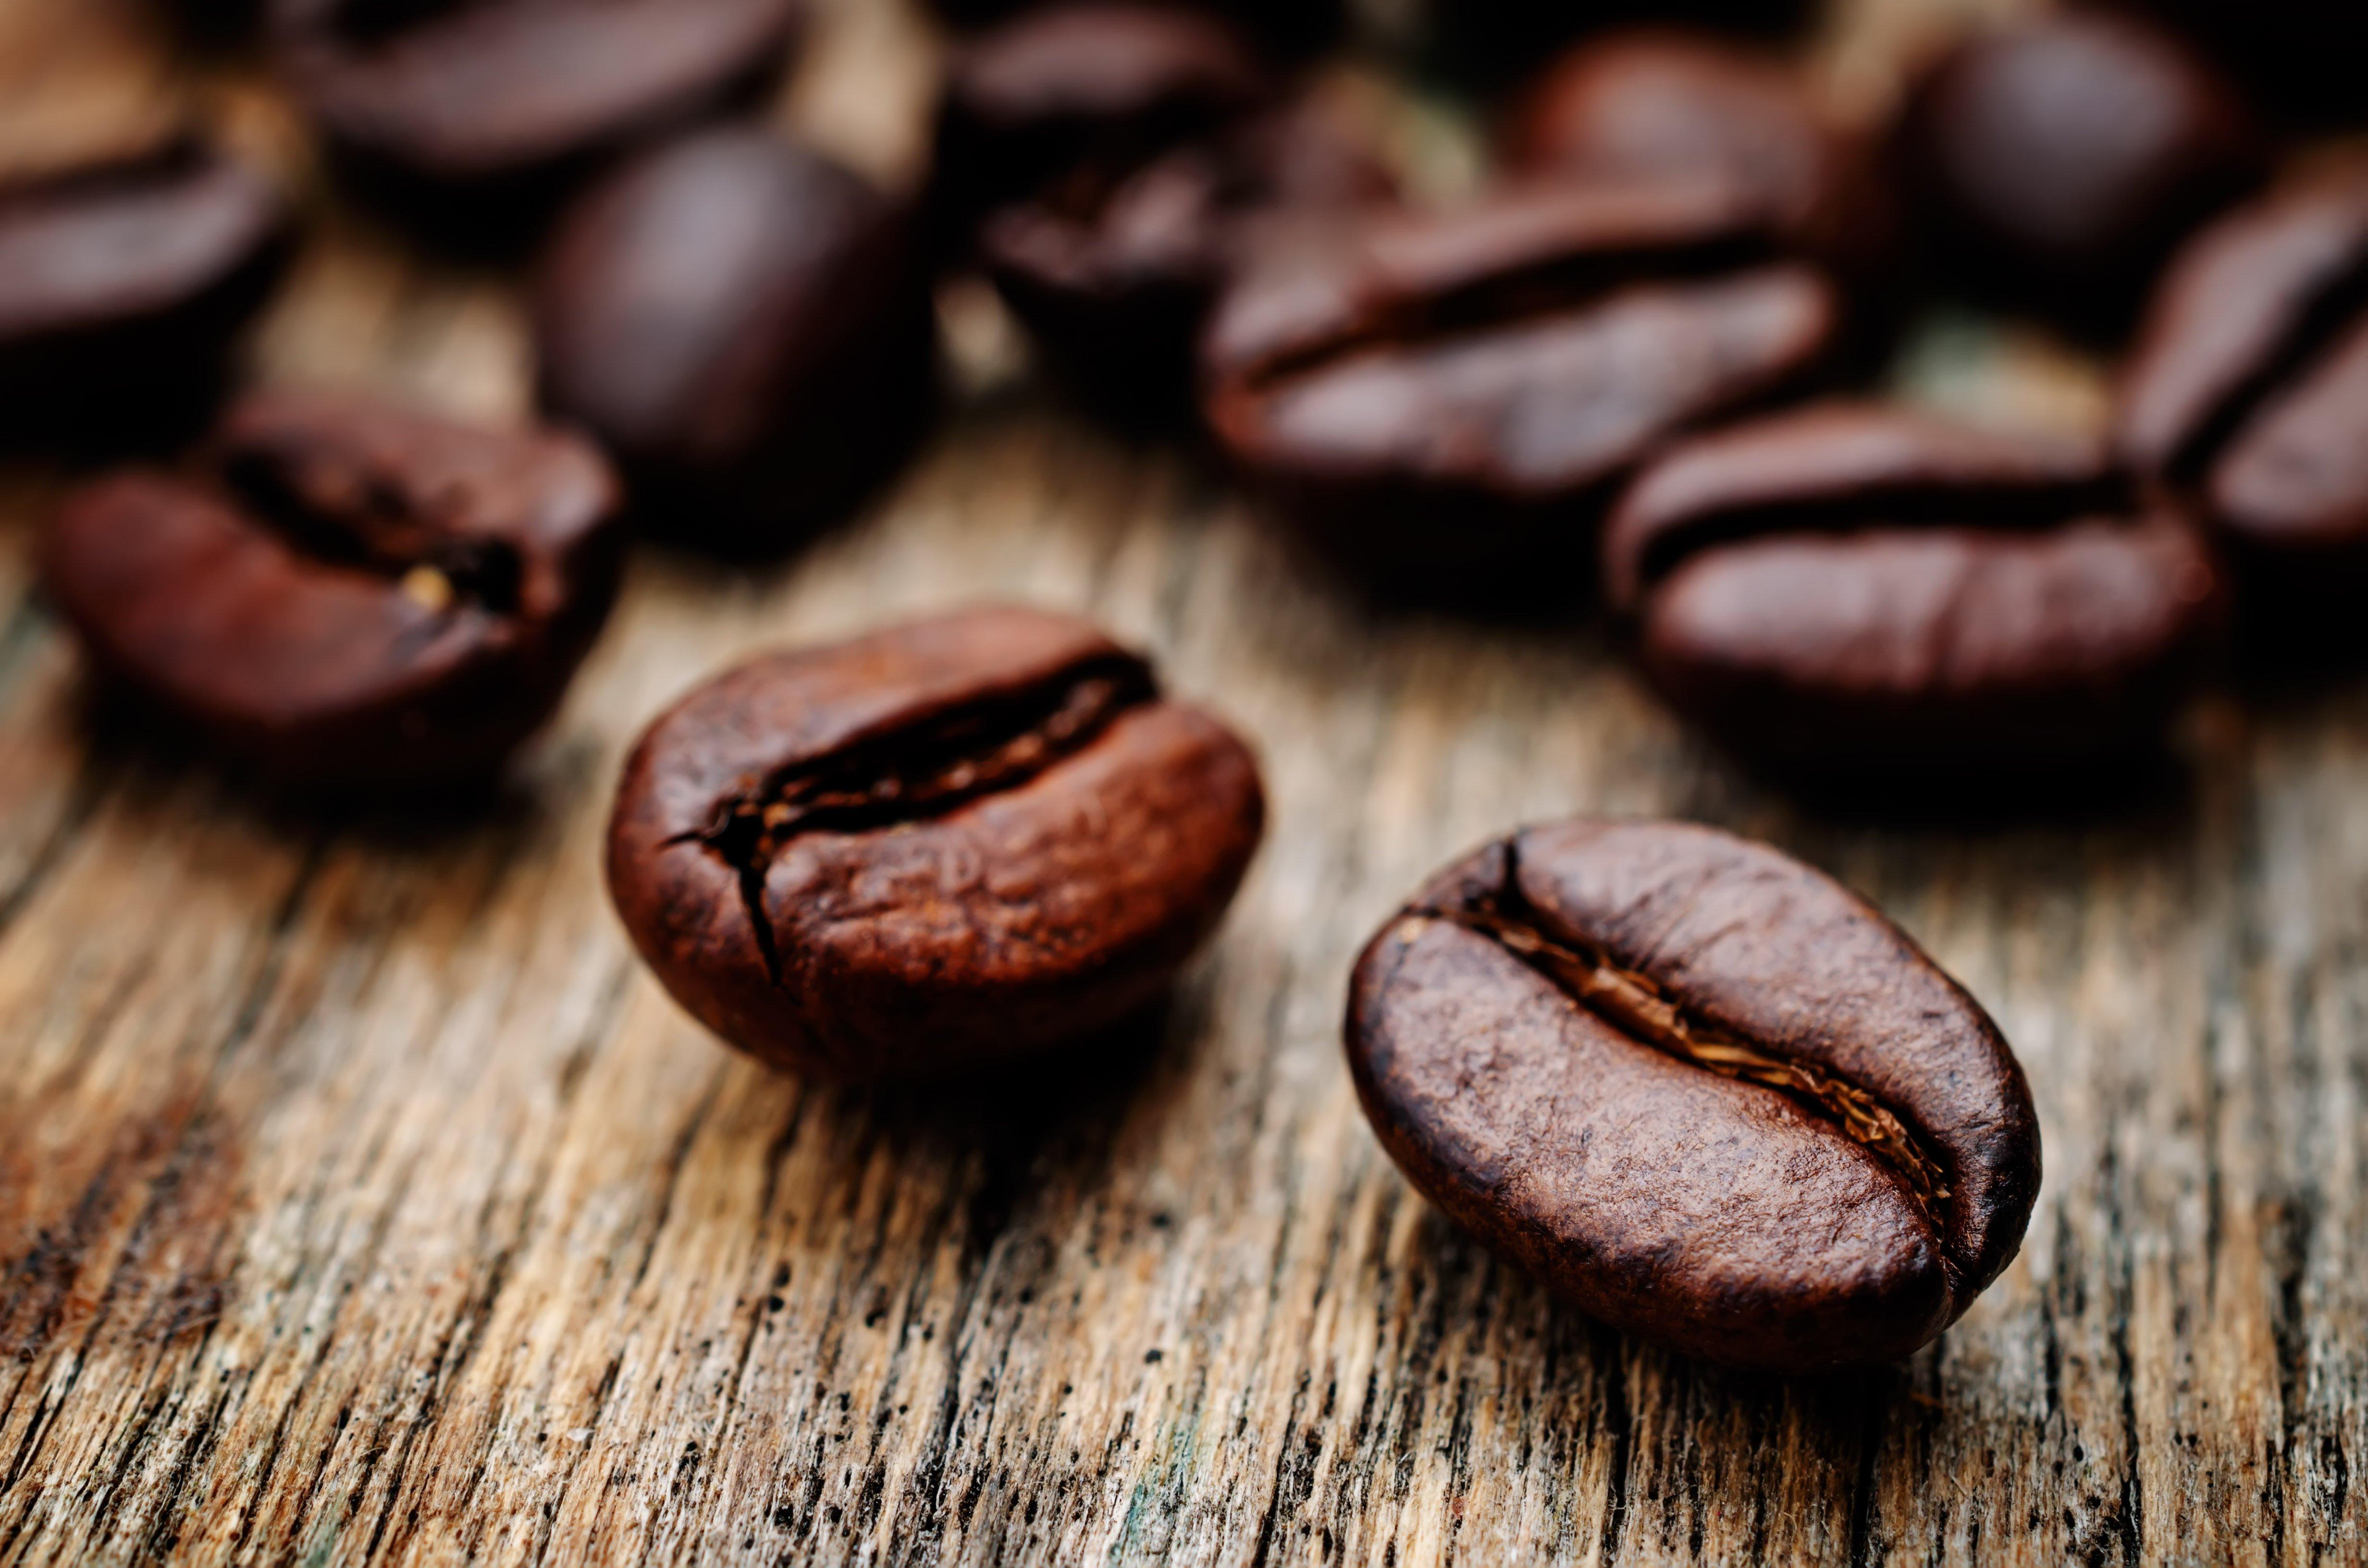 фото кофе арабика и робуста арки-перголы лавкой украсят